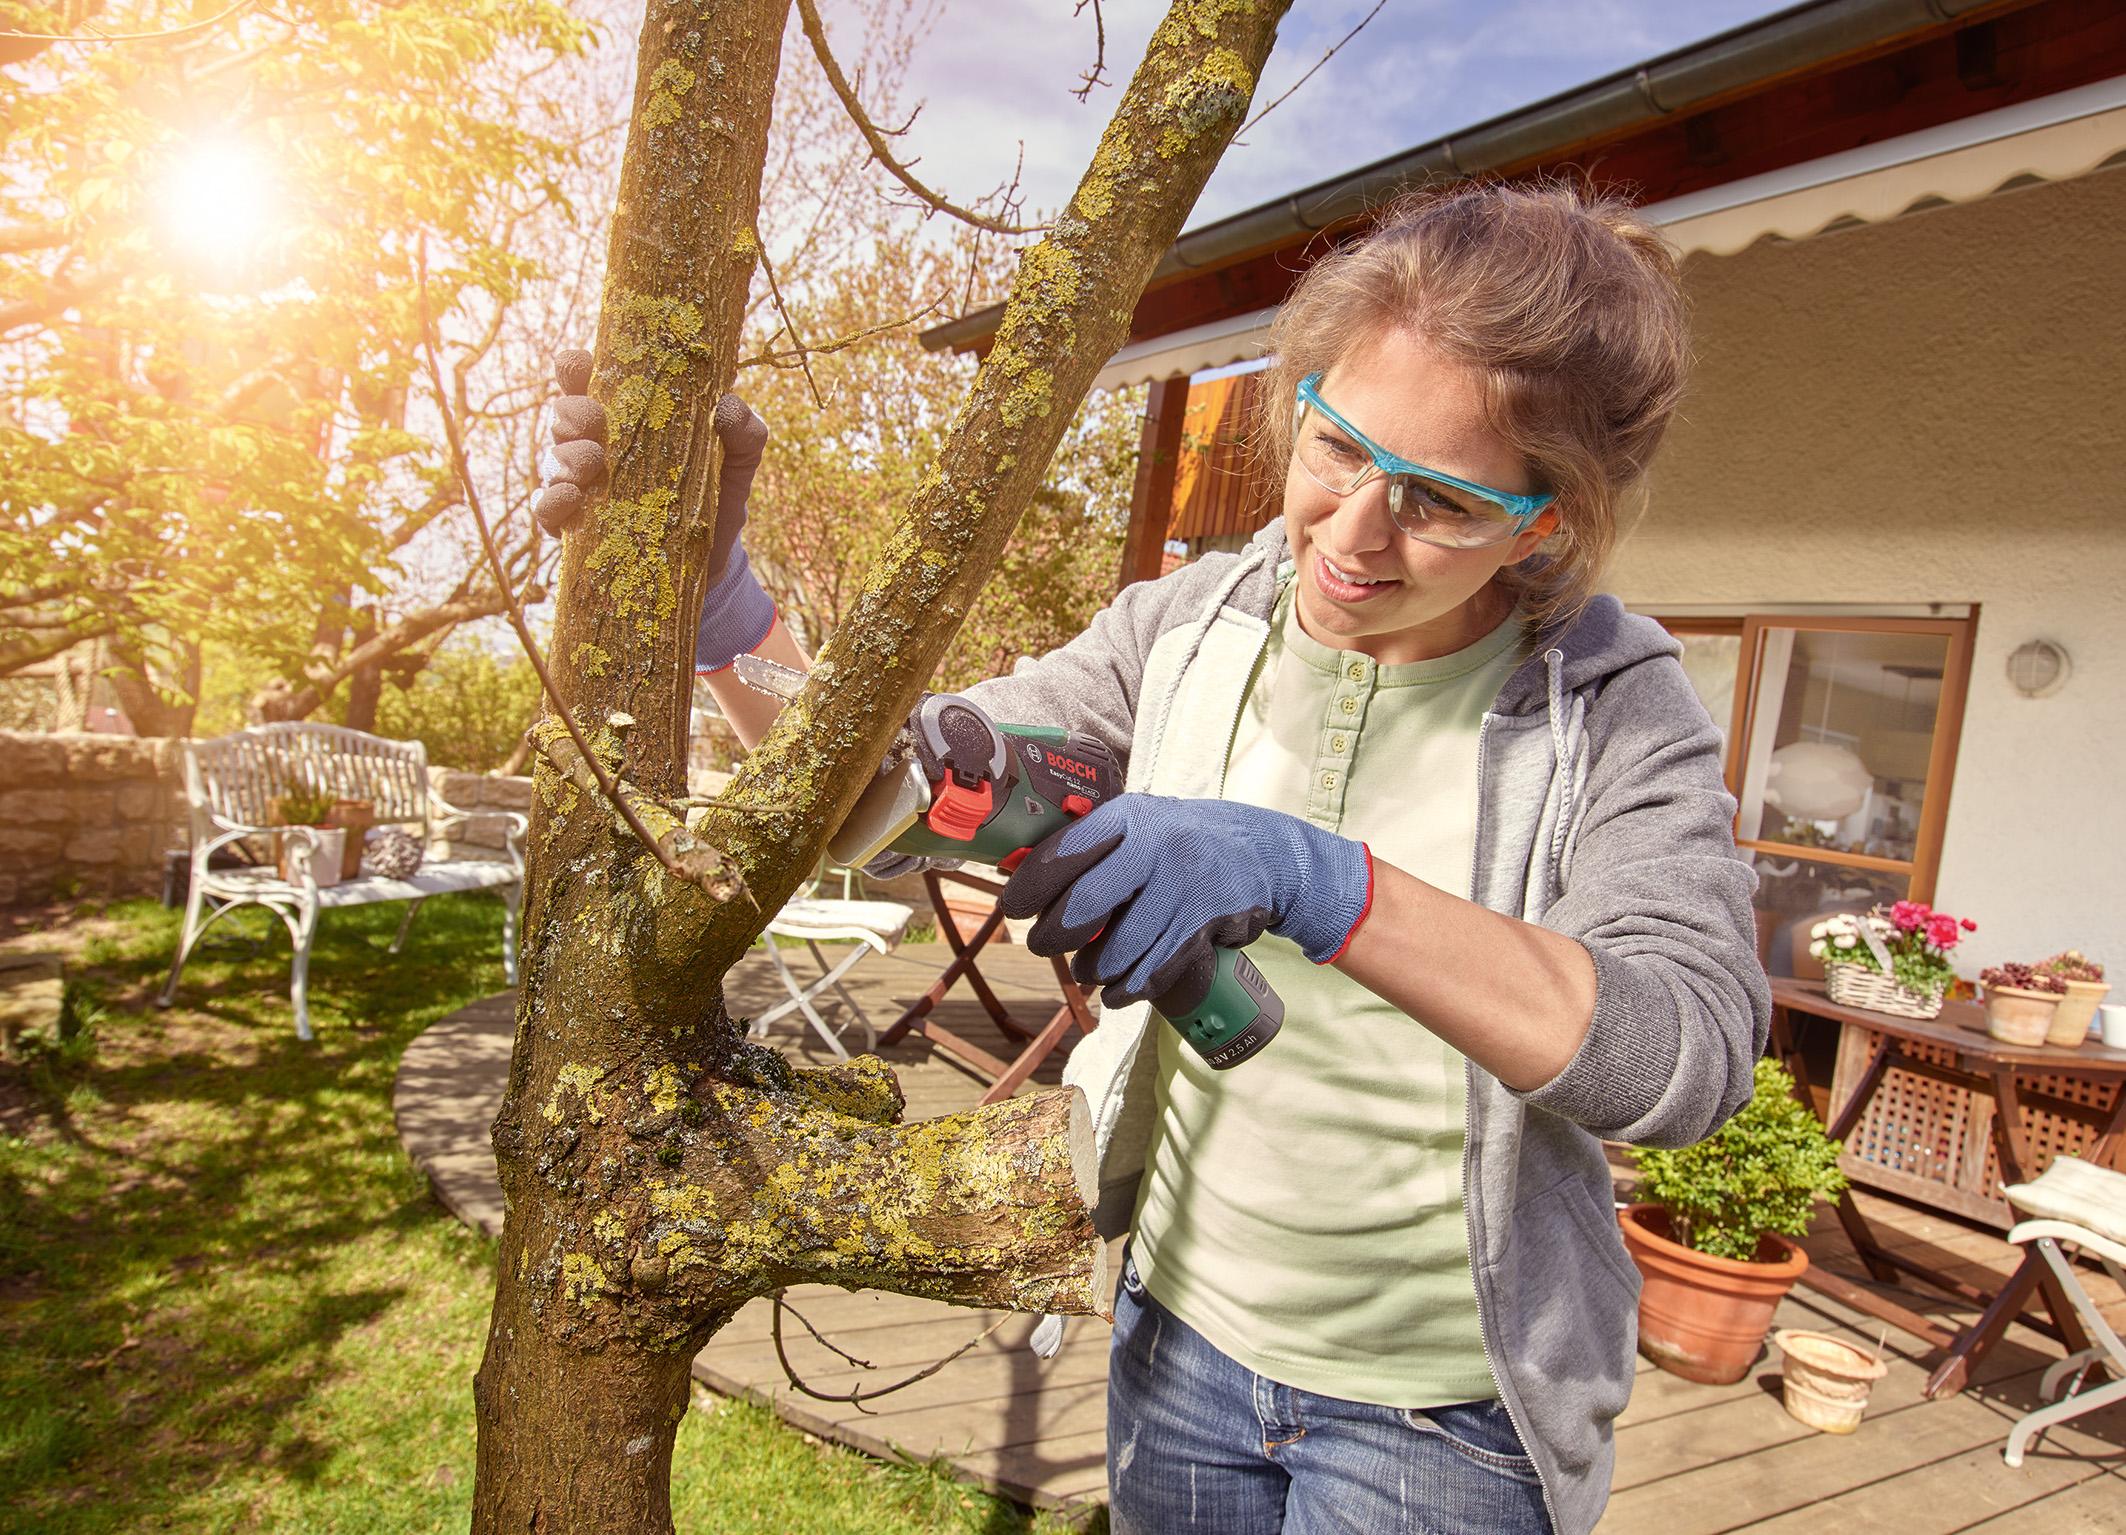 Bosch easycut 12 f r heim und garten bosch media service for Heim und garten